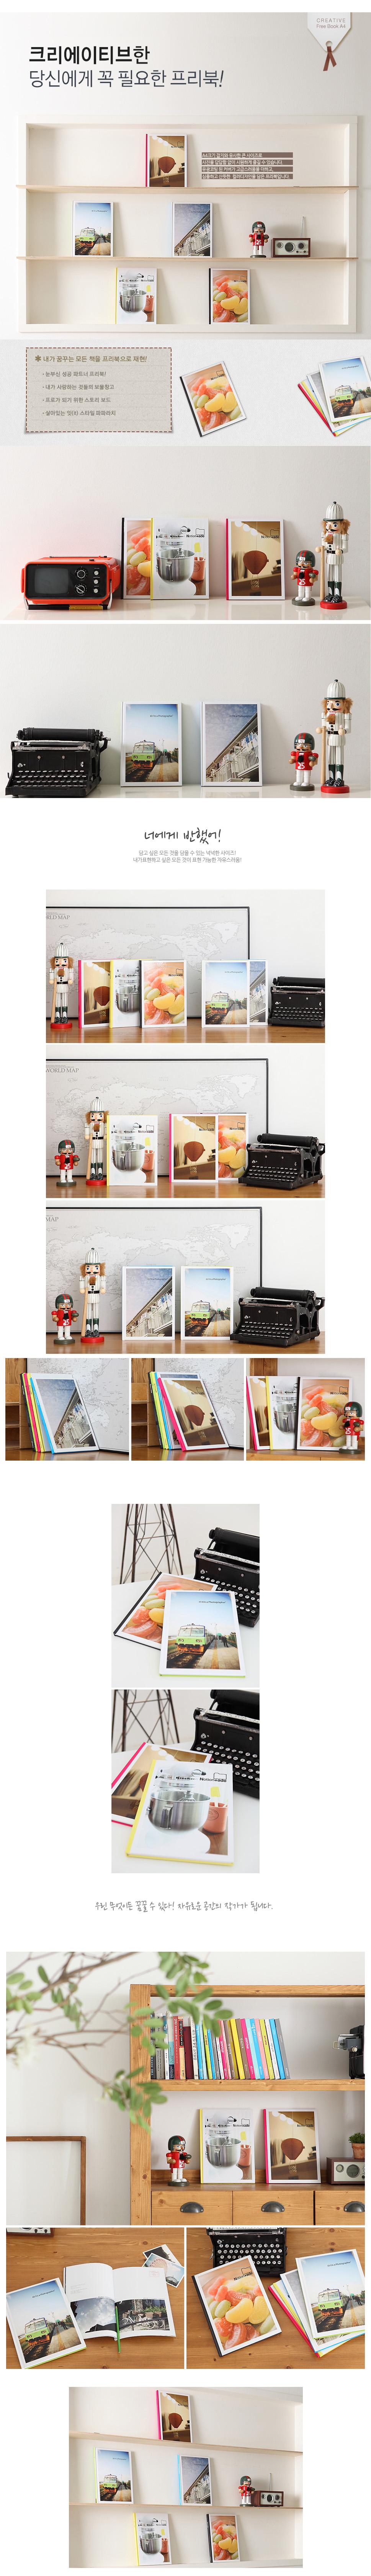 크리에이티브한  당신에게 꼭 필요한 프리북!A4크기 잡지와 유사한 큰 사이즈로사진을 답답함 없이 시원하게 즐길 수 있습니다.유광코팅 된 커버가 고급스러움을 더하고, 심플하고 산뜻한  컬러디자인을 담은 프리북입니다.